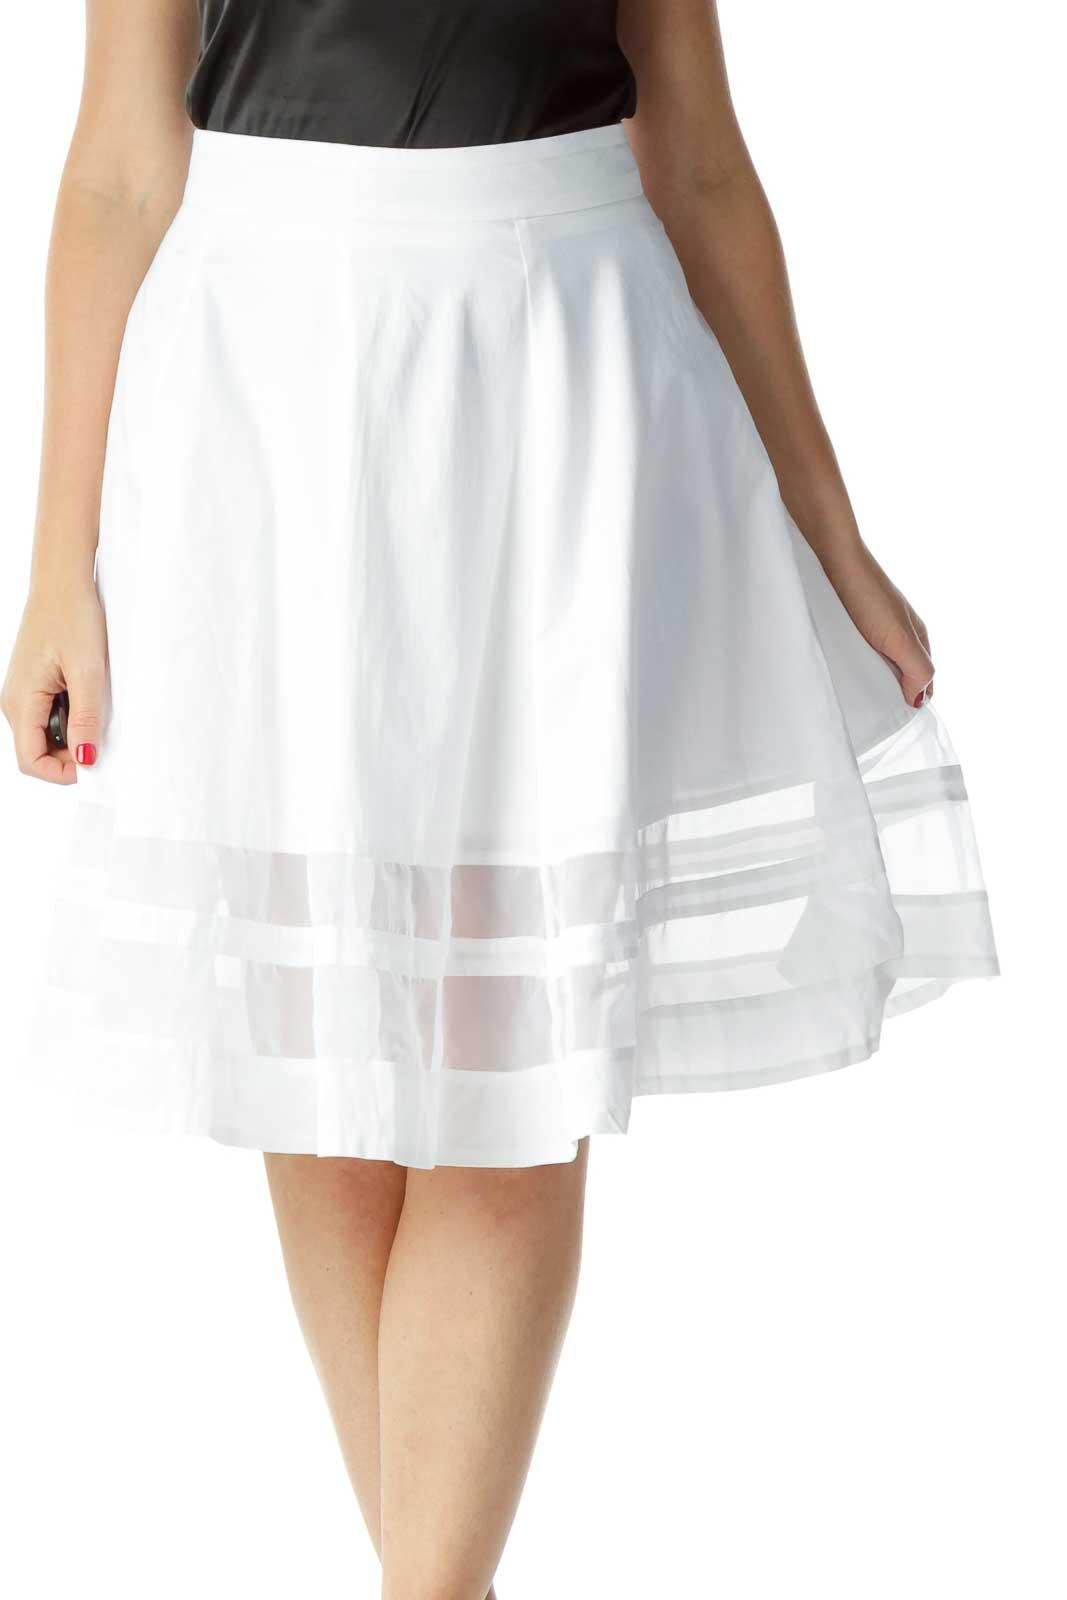 White Flared Sheer Skirt Front